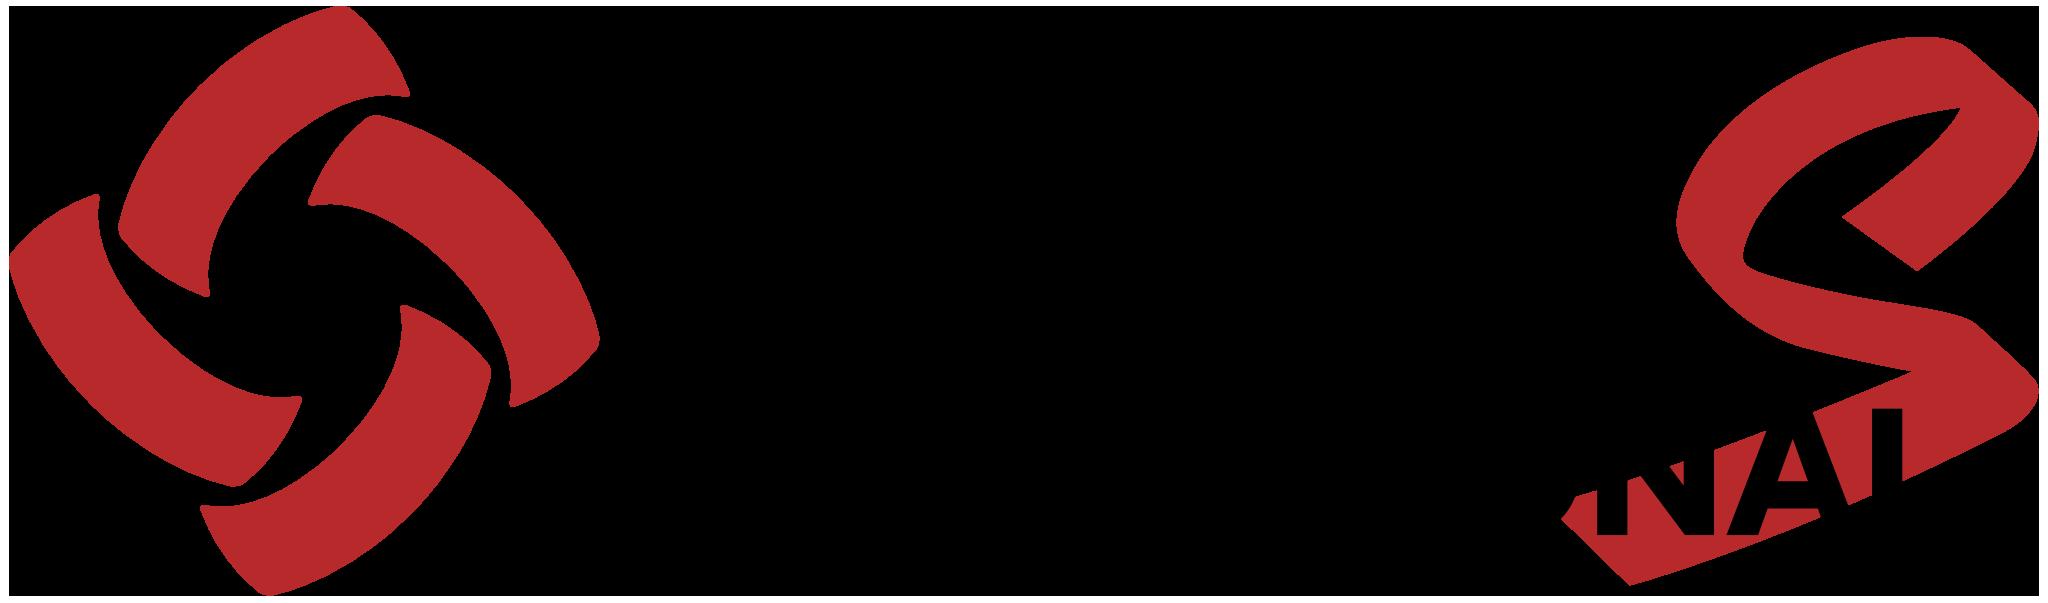 《絕地求生》PGI.S 全球邀請賽最新賽事公告